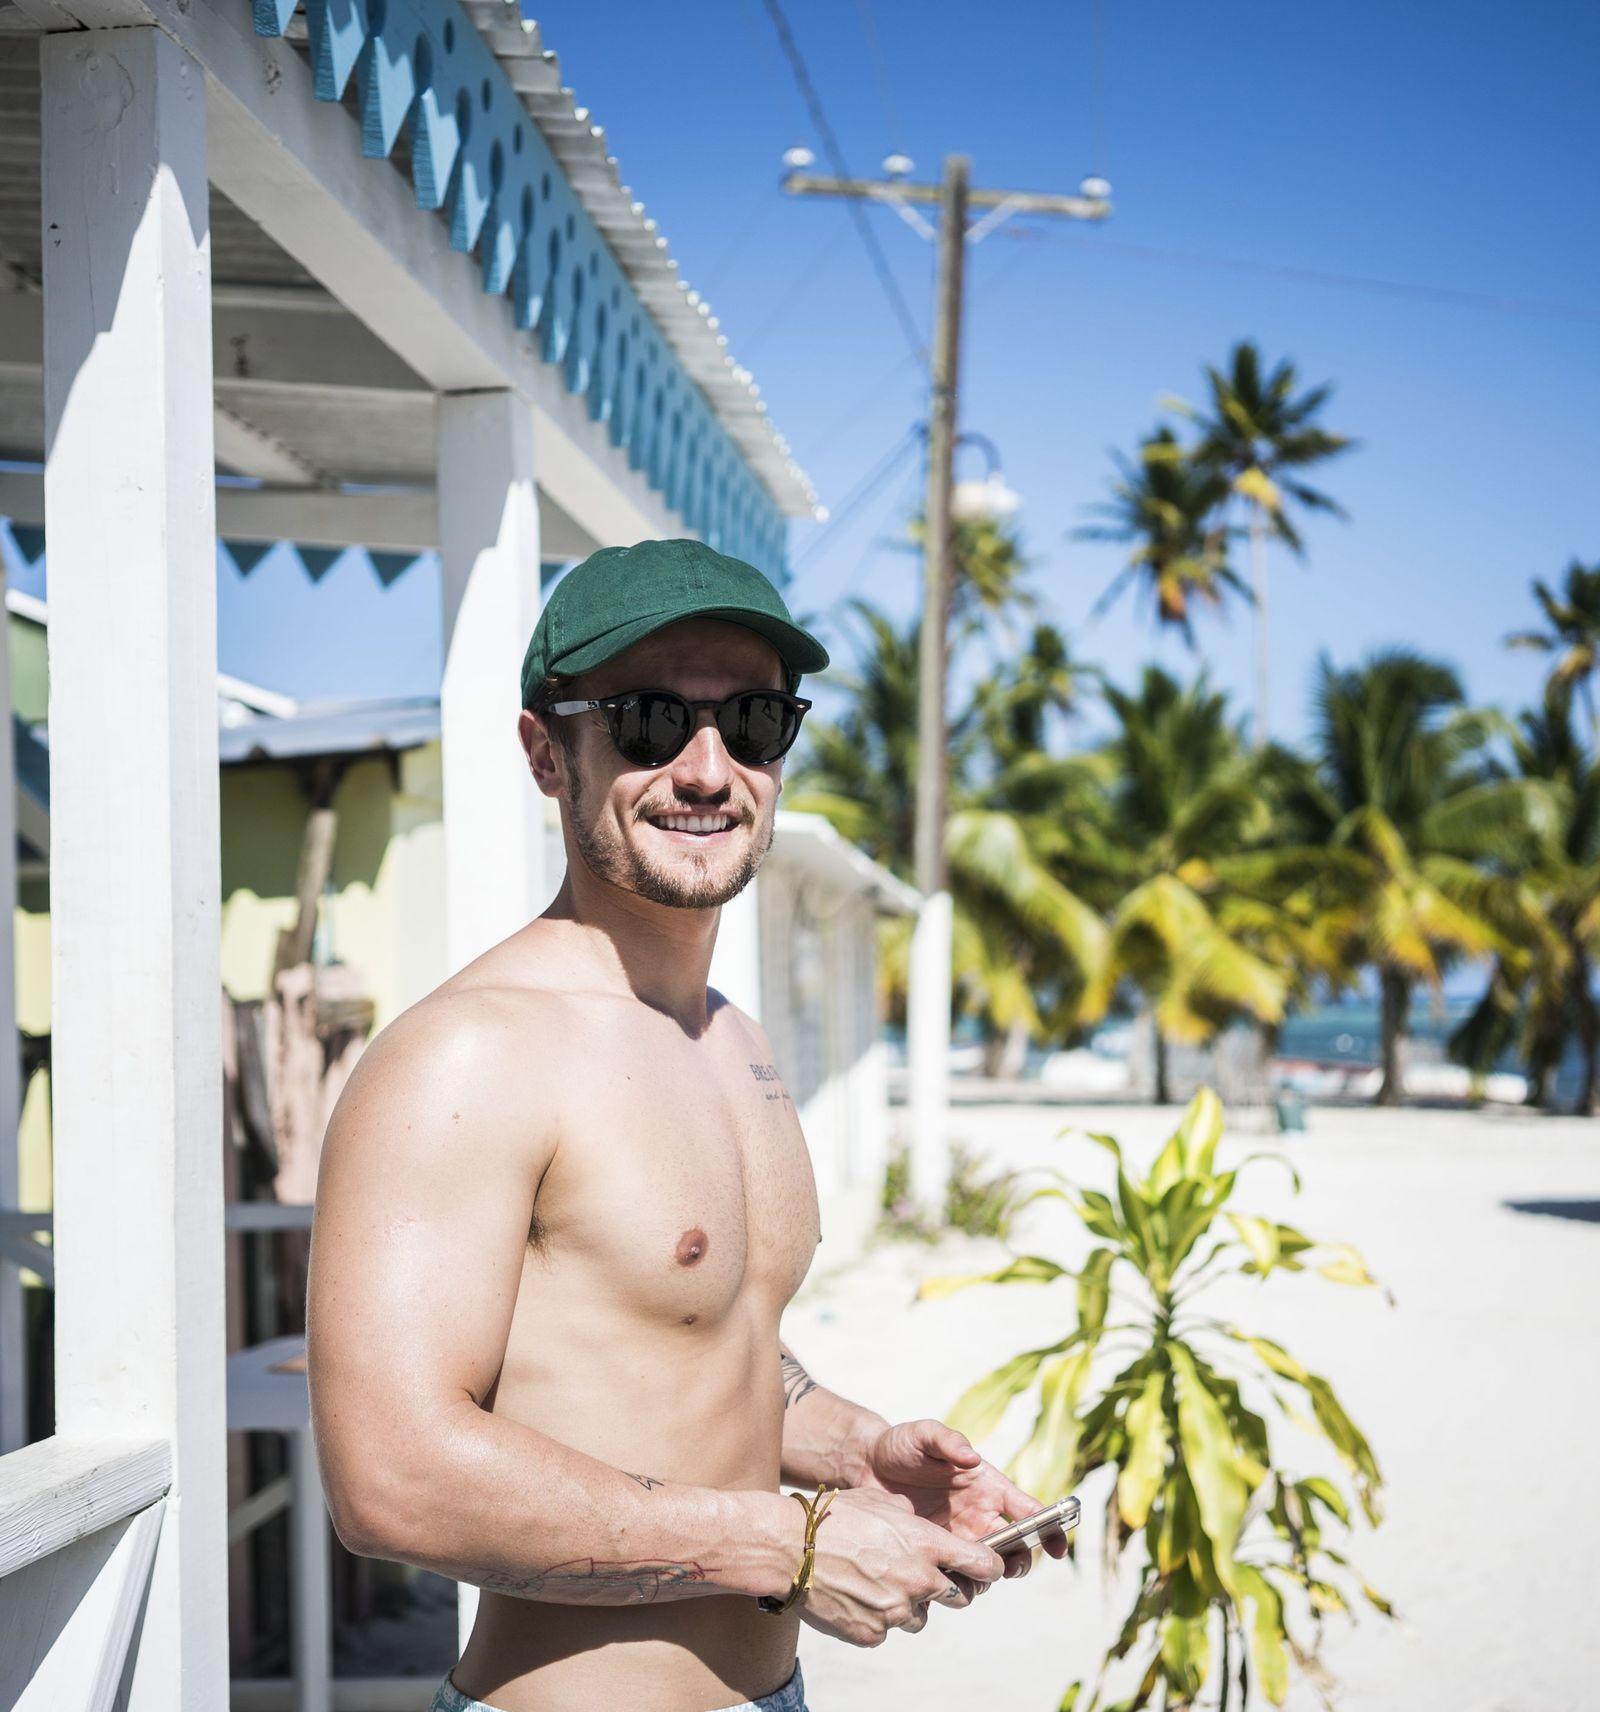 República Dominicana influencer blogueiro de viagens em Playa Bávaro